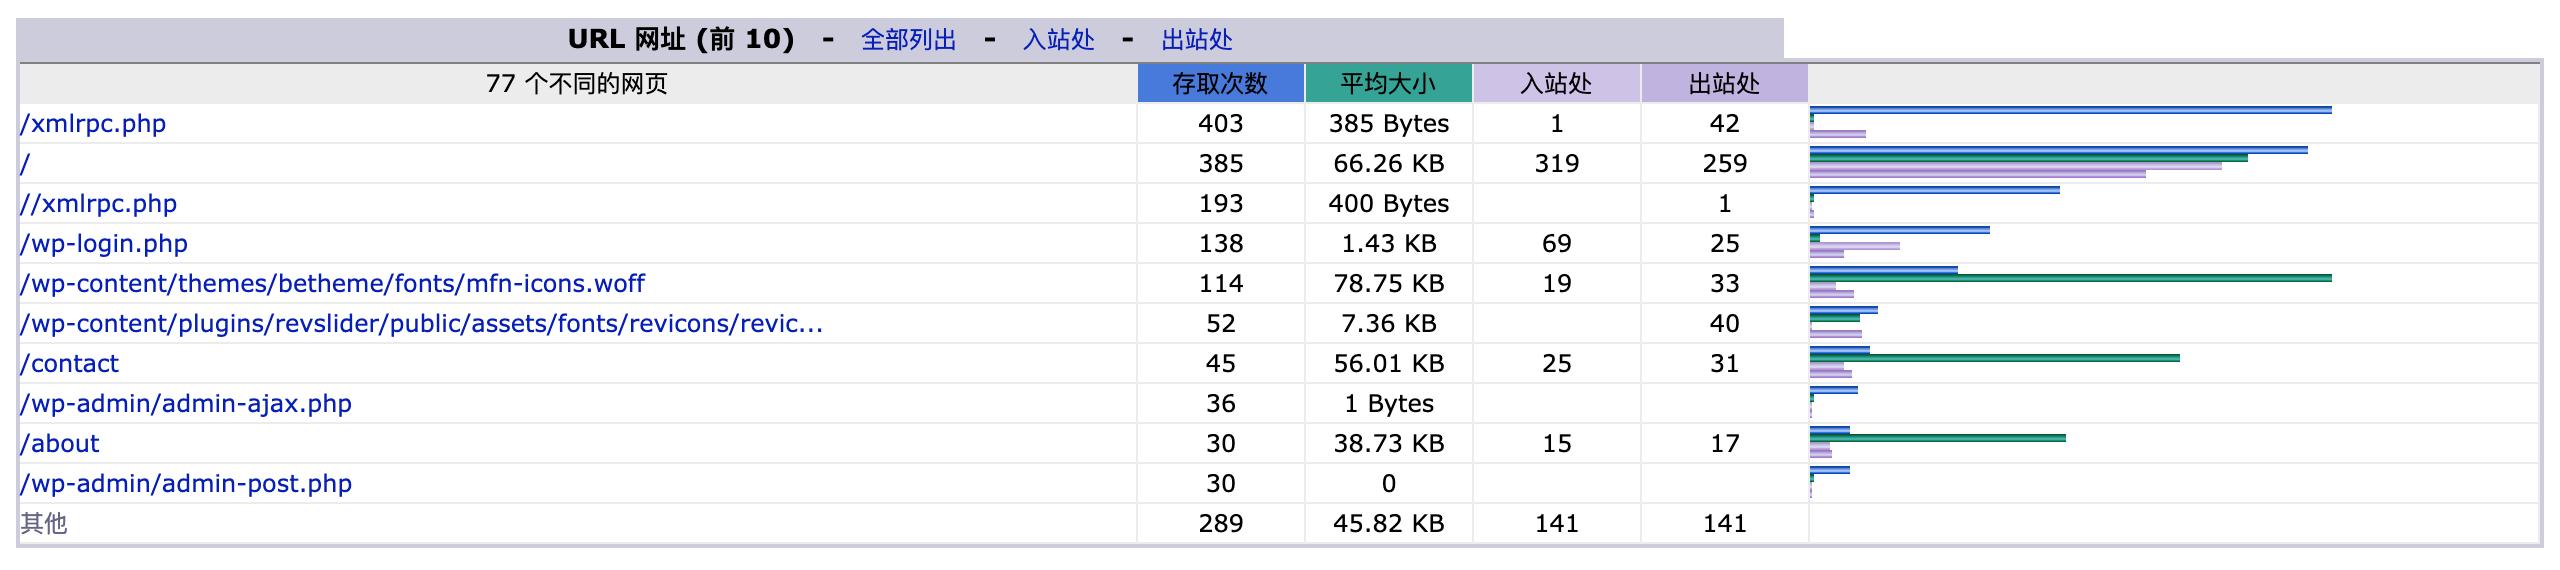 XML RPC请求j较多